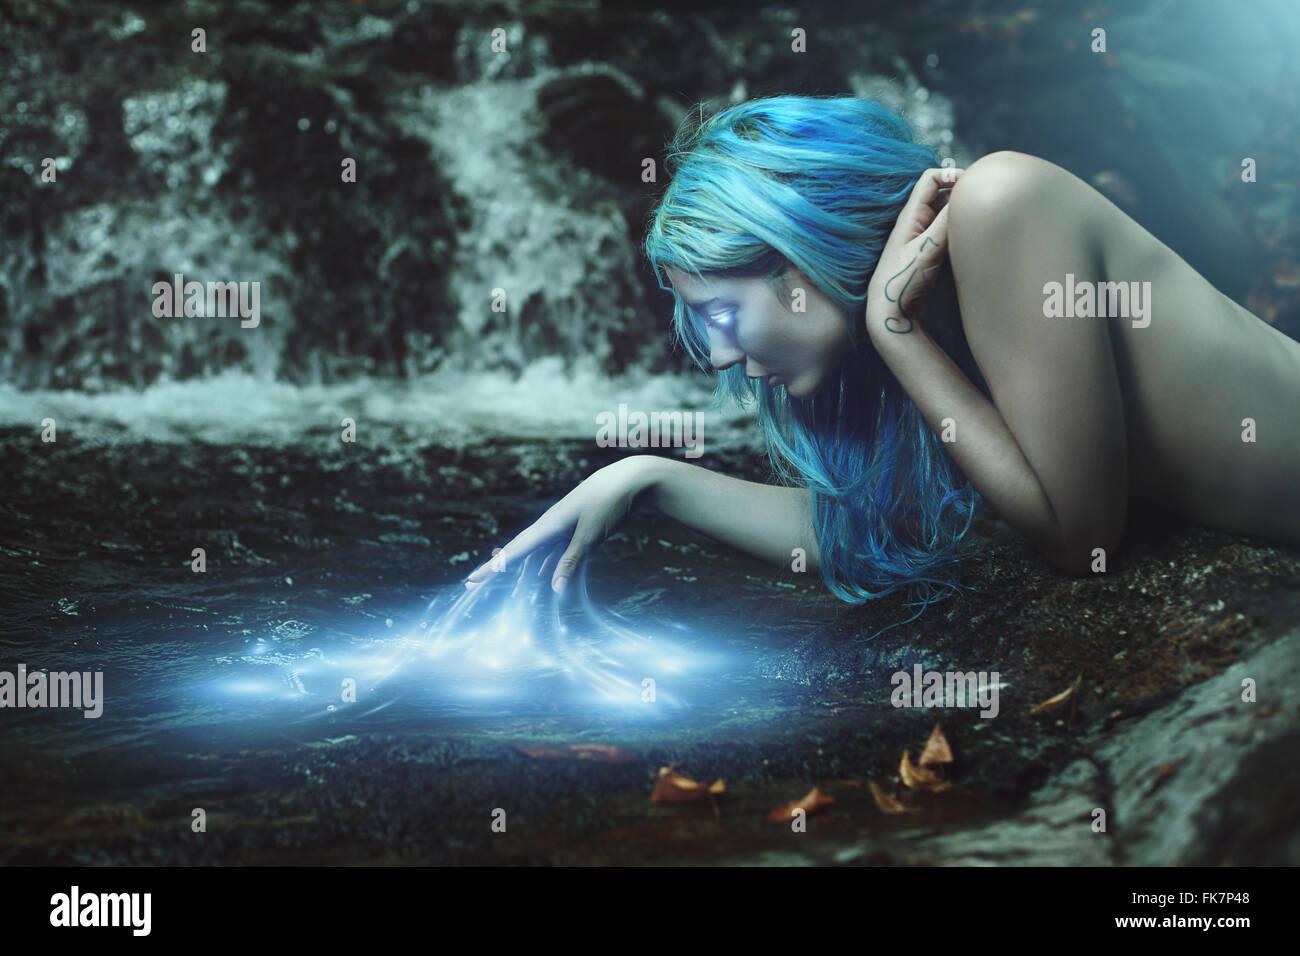 Fluss-Nymphe mit magischen Wasser Energien. Fantasie und Mythos Stockbild